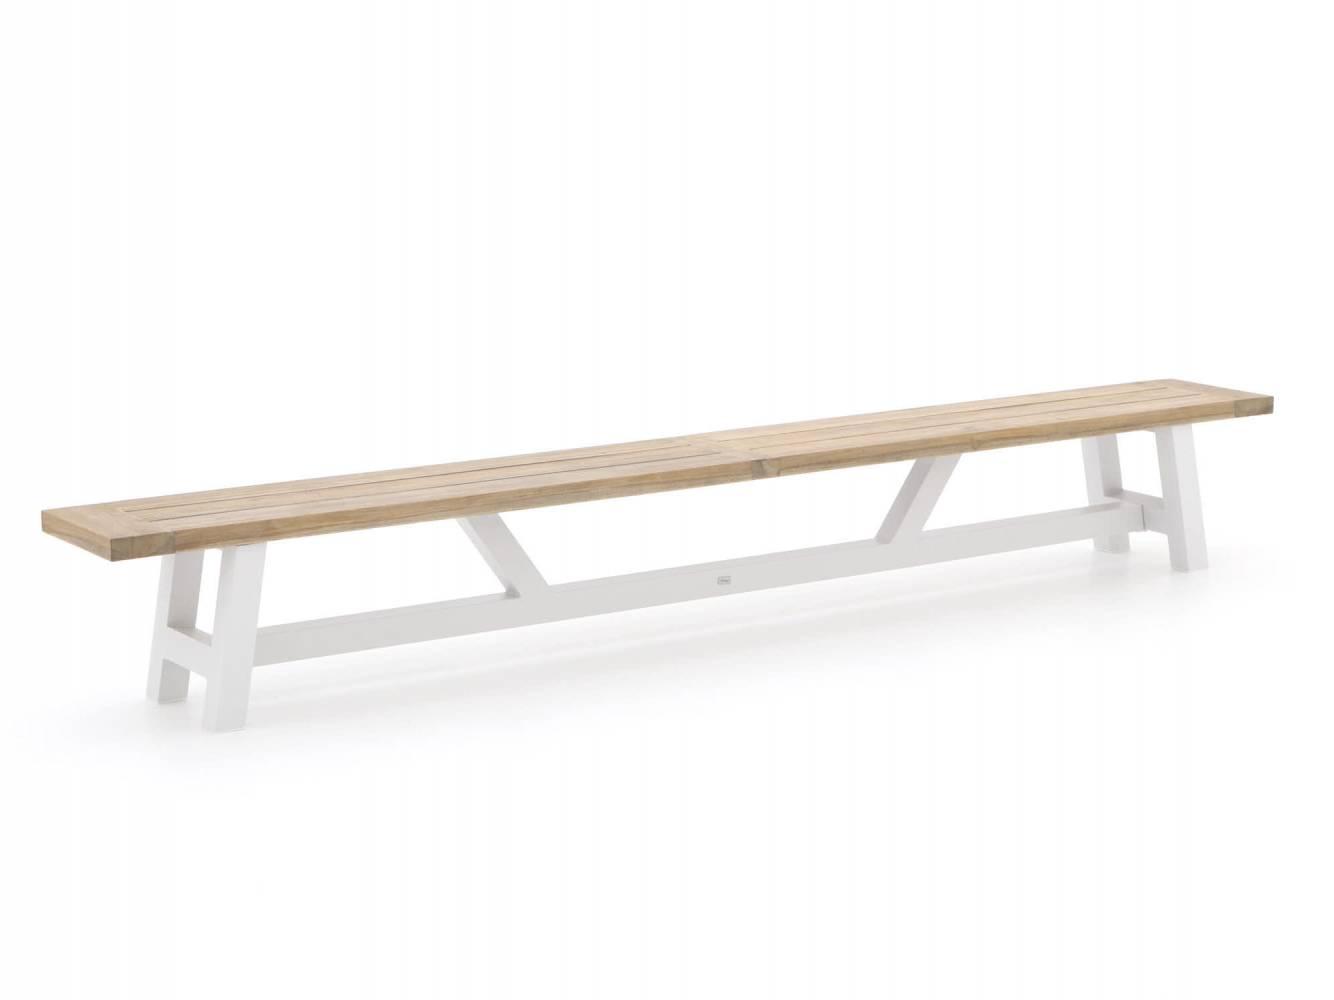 grote houten picknickbank